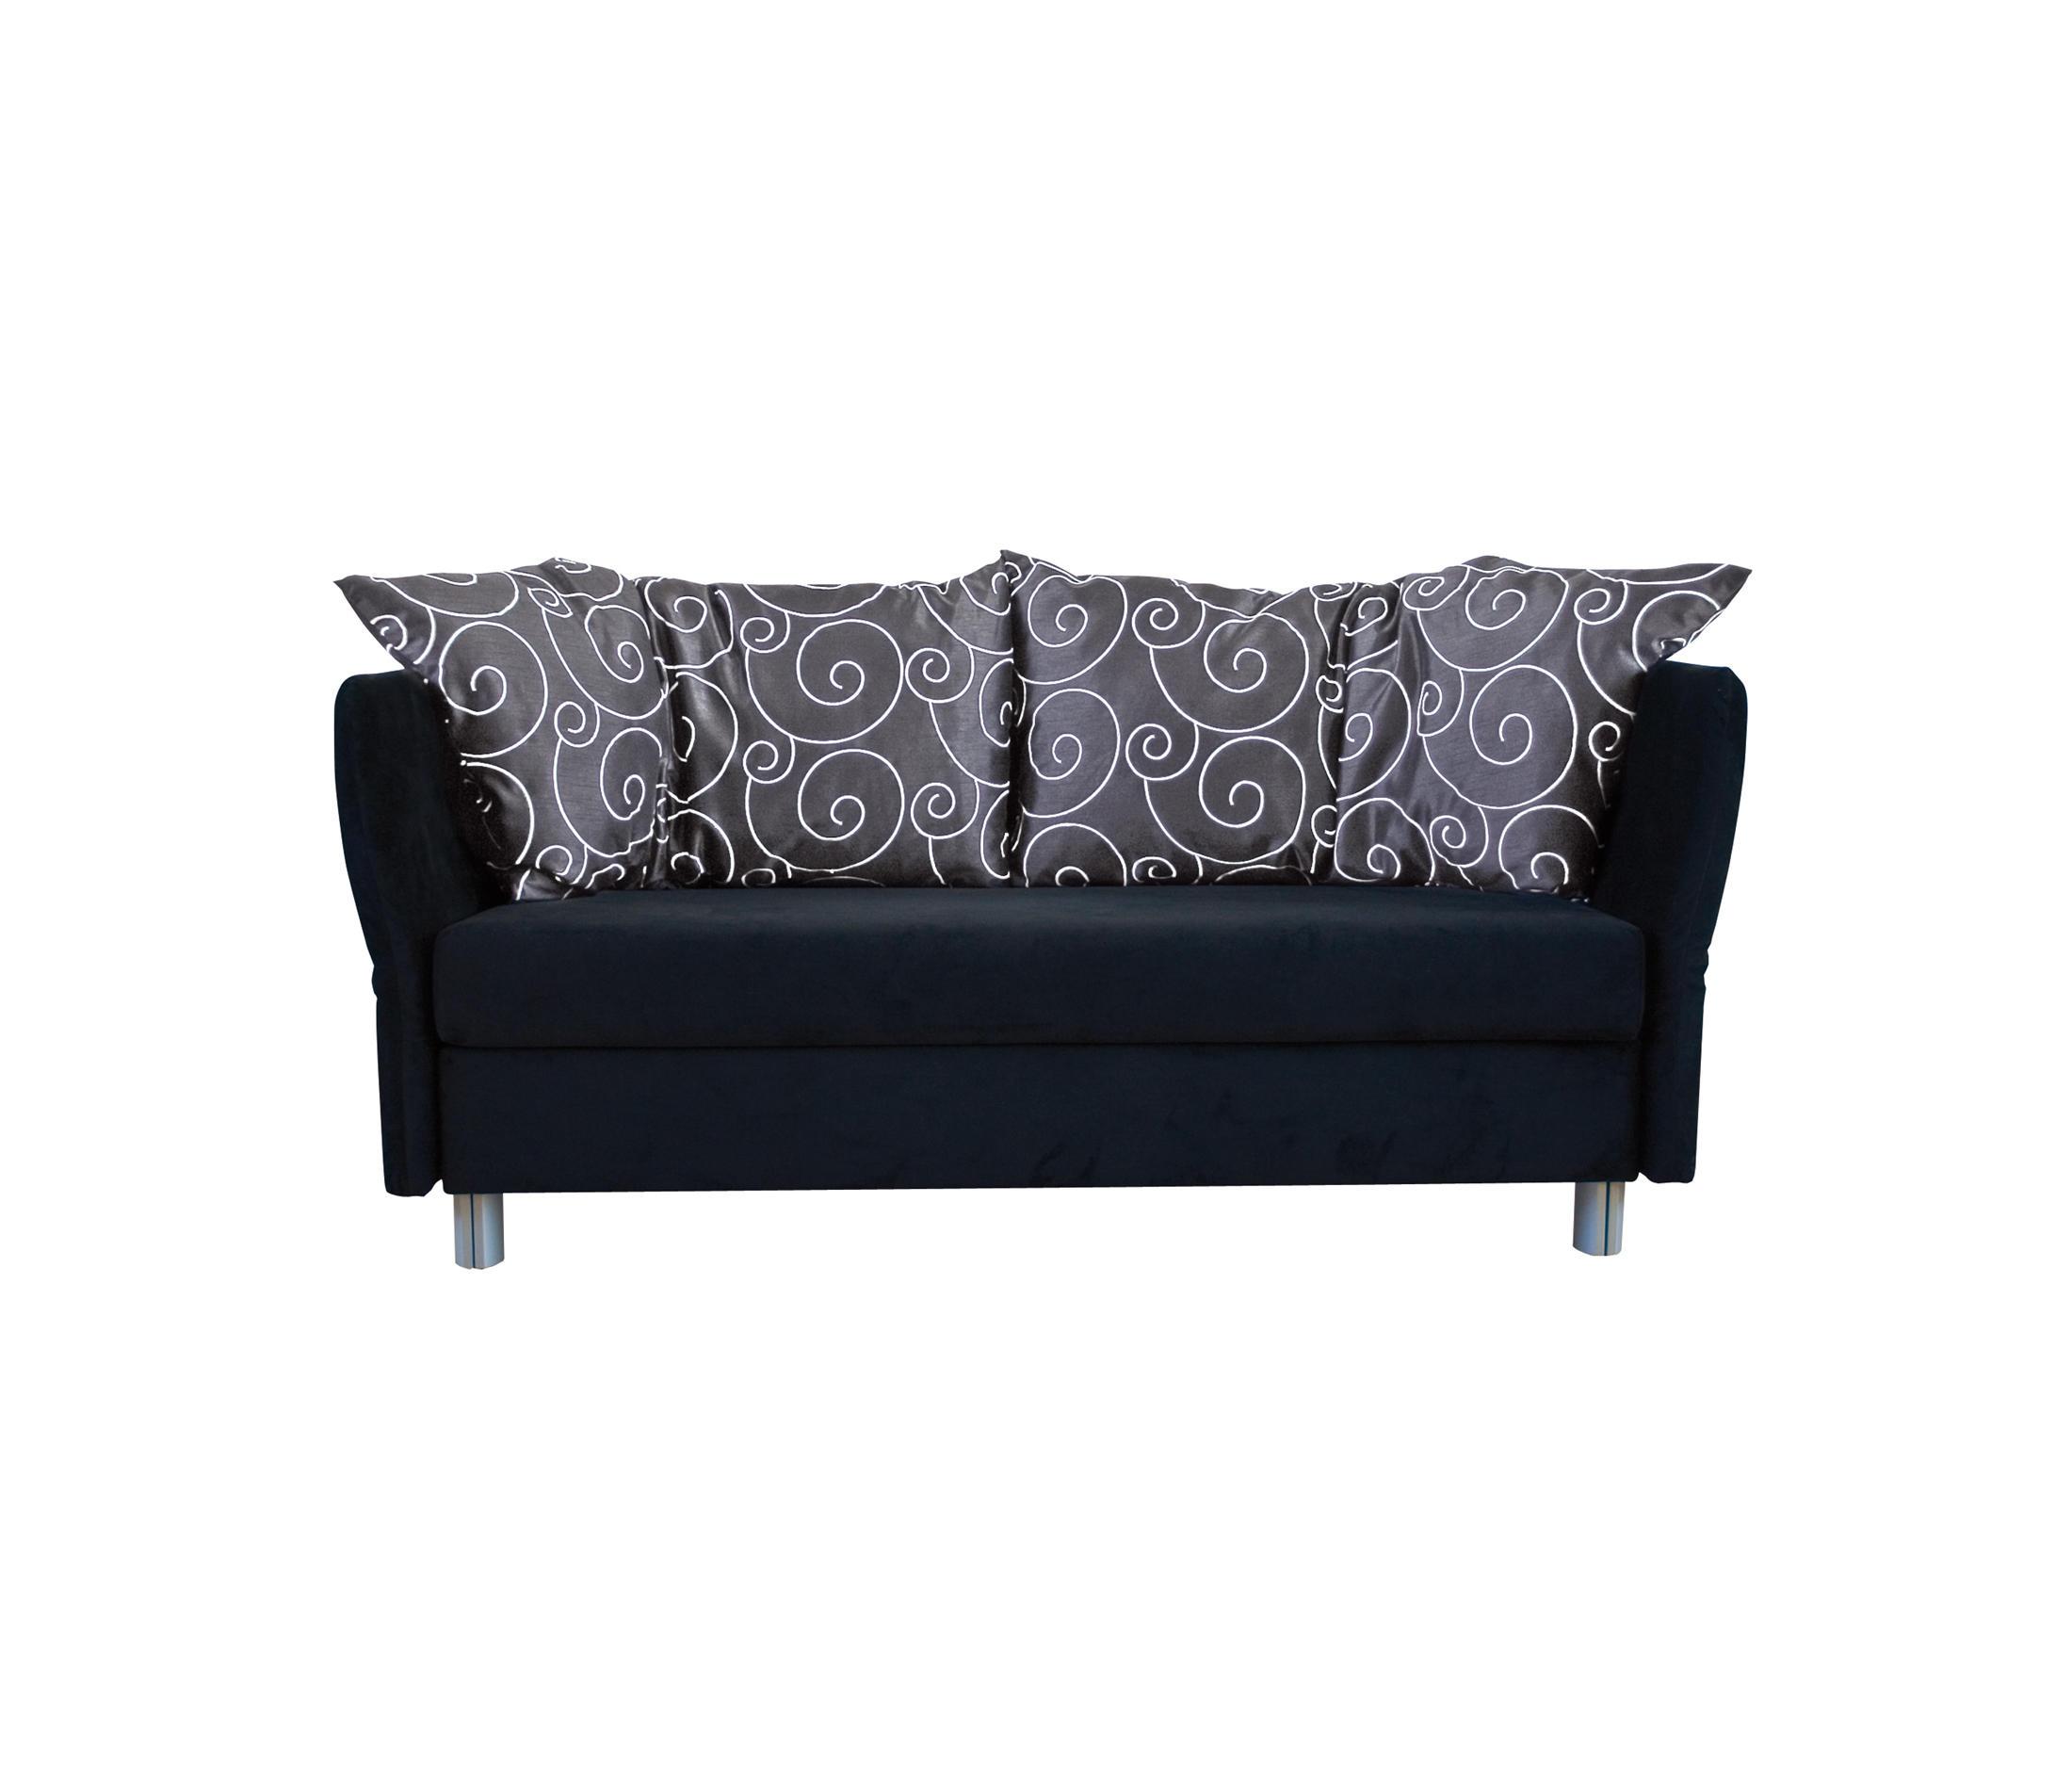 luino bettsofa schlafsofas von die collection architonic. Black Bedroom Furniture Sets. Home Design Ideas